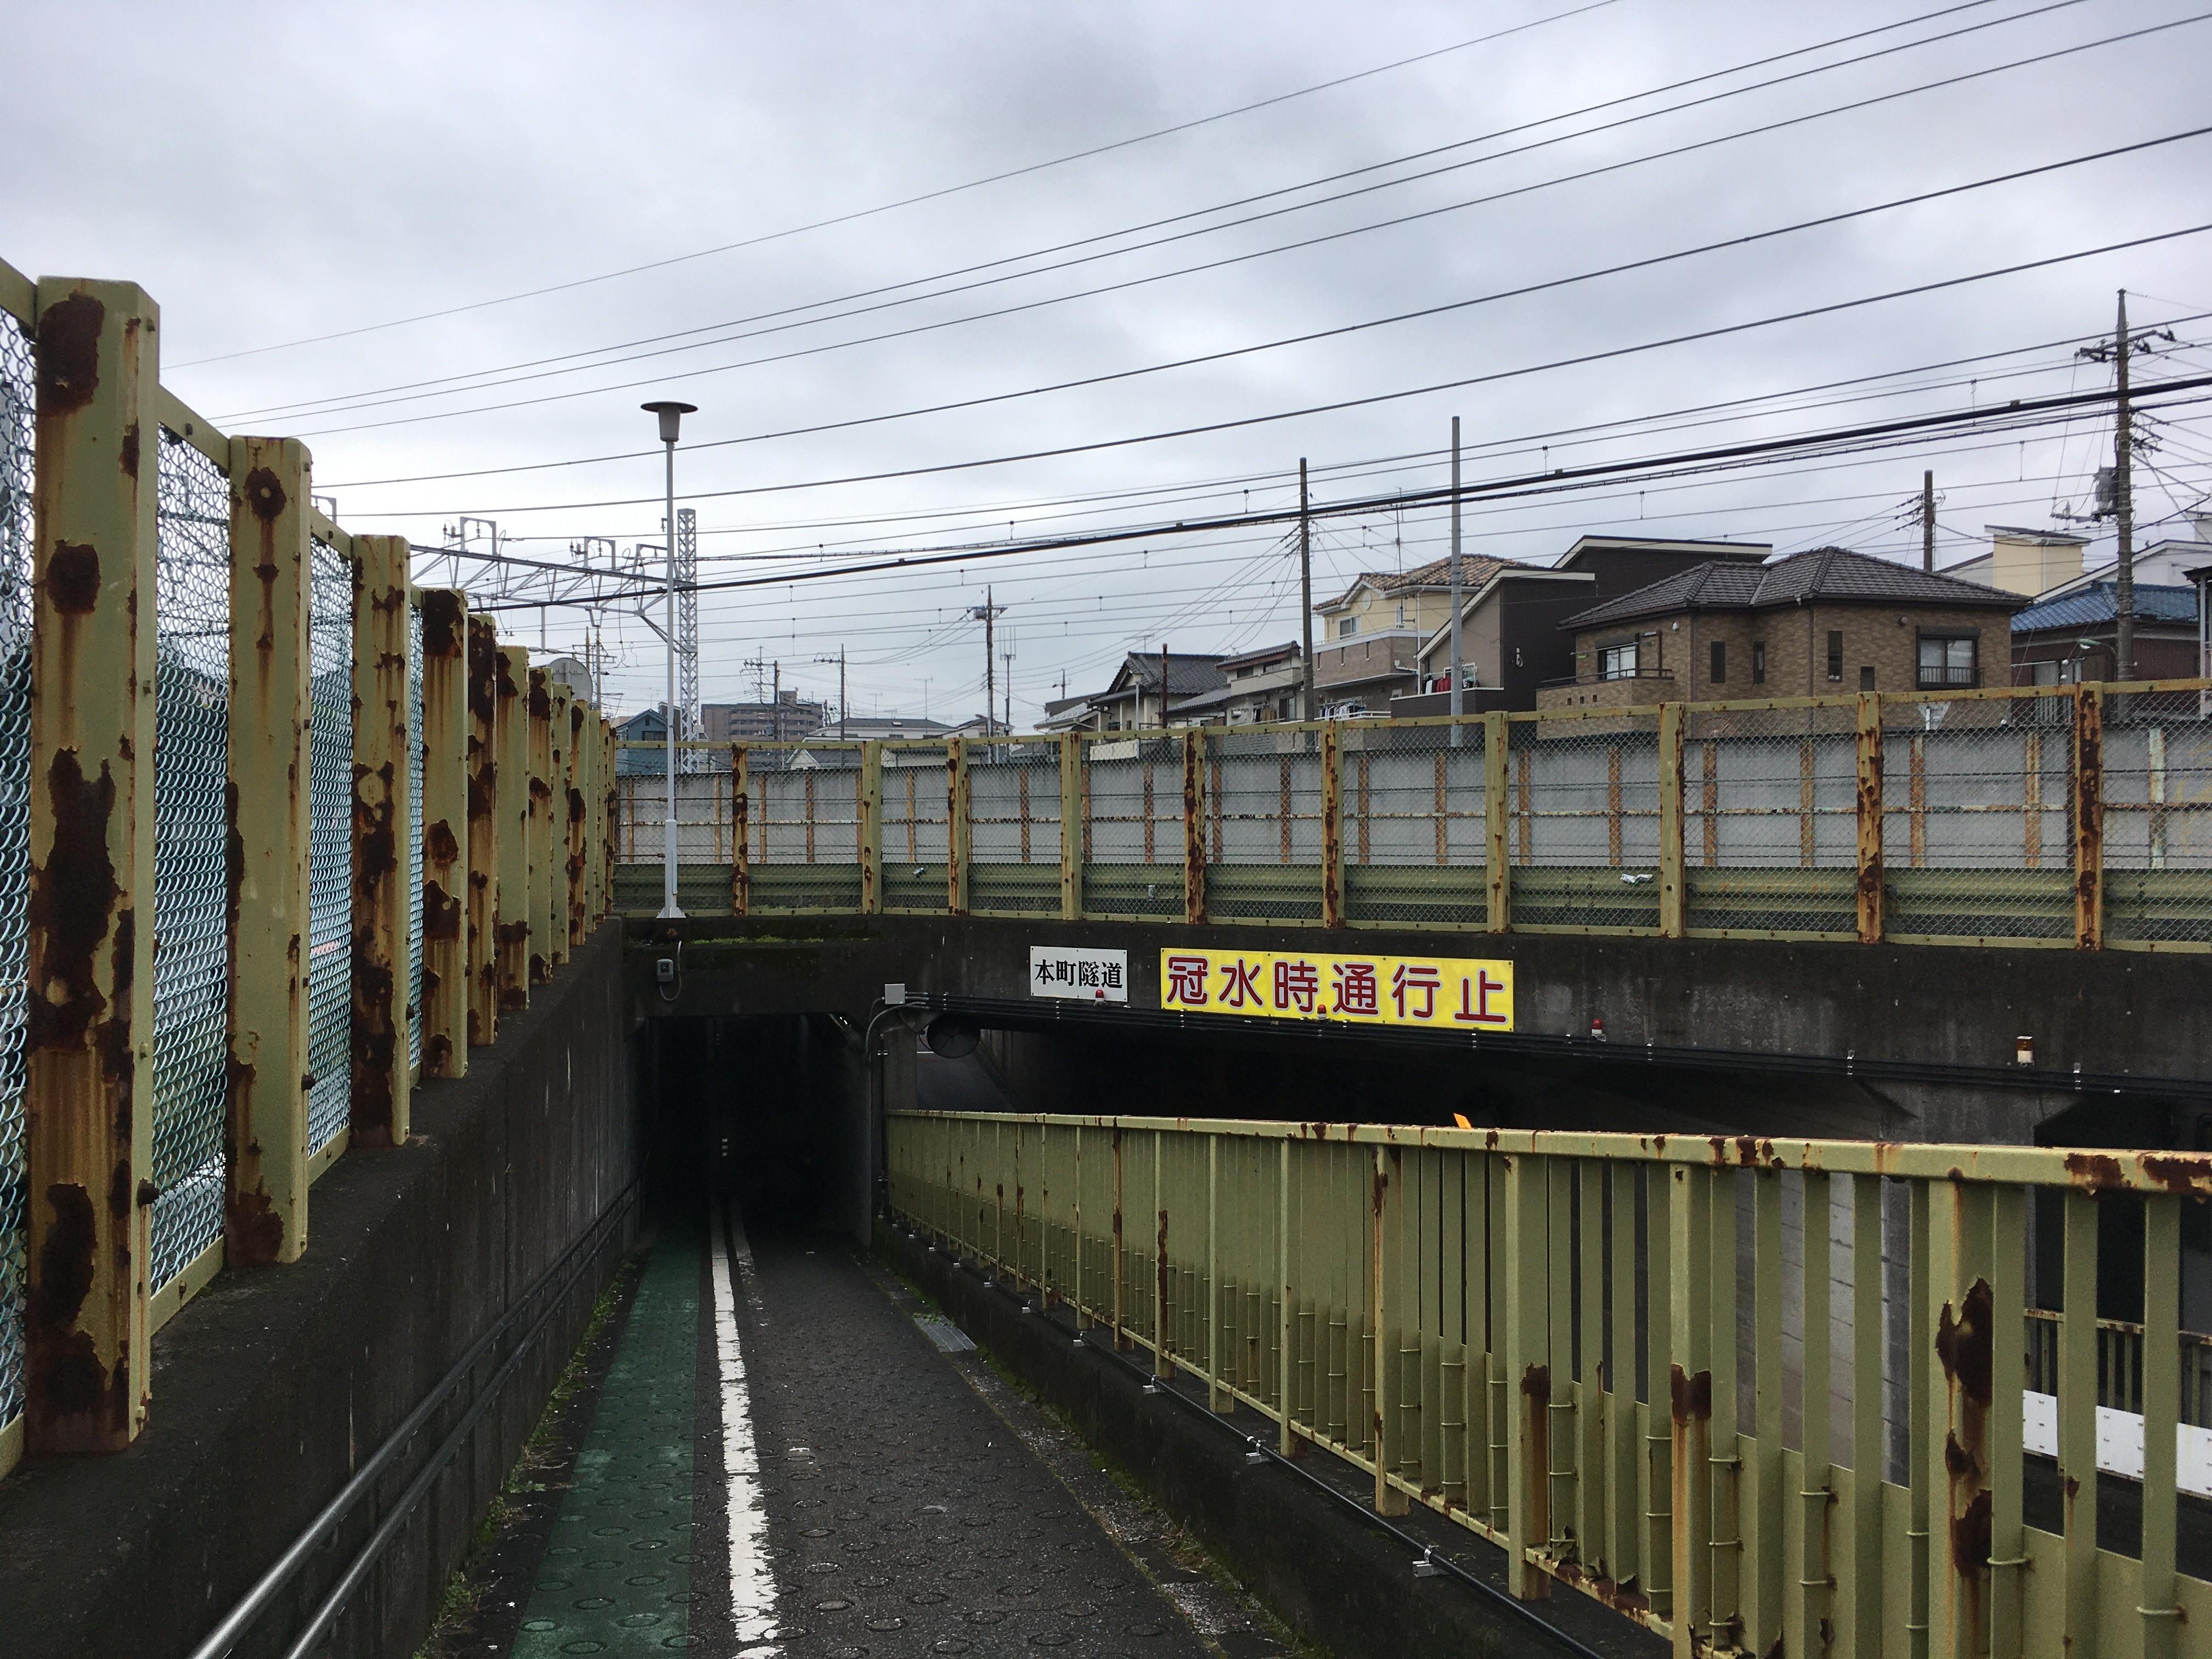 公園通り本町隊道(東武東上線高架下)